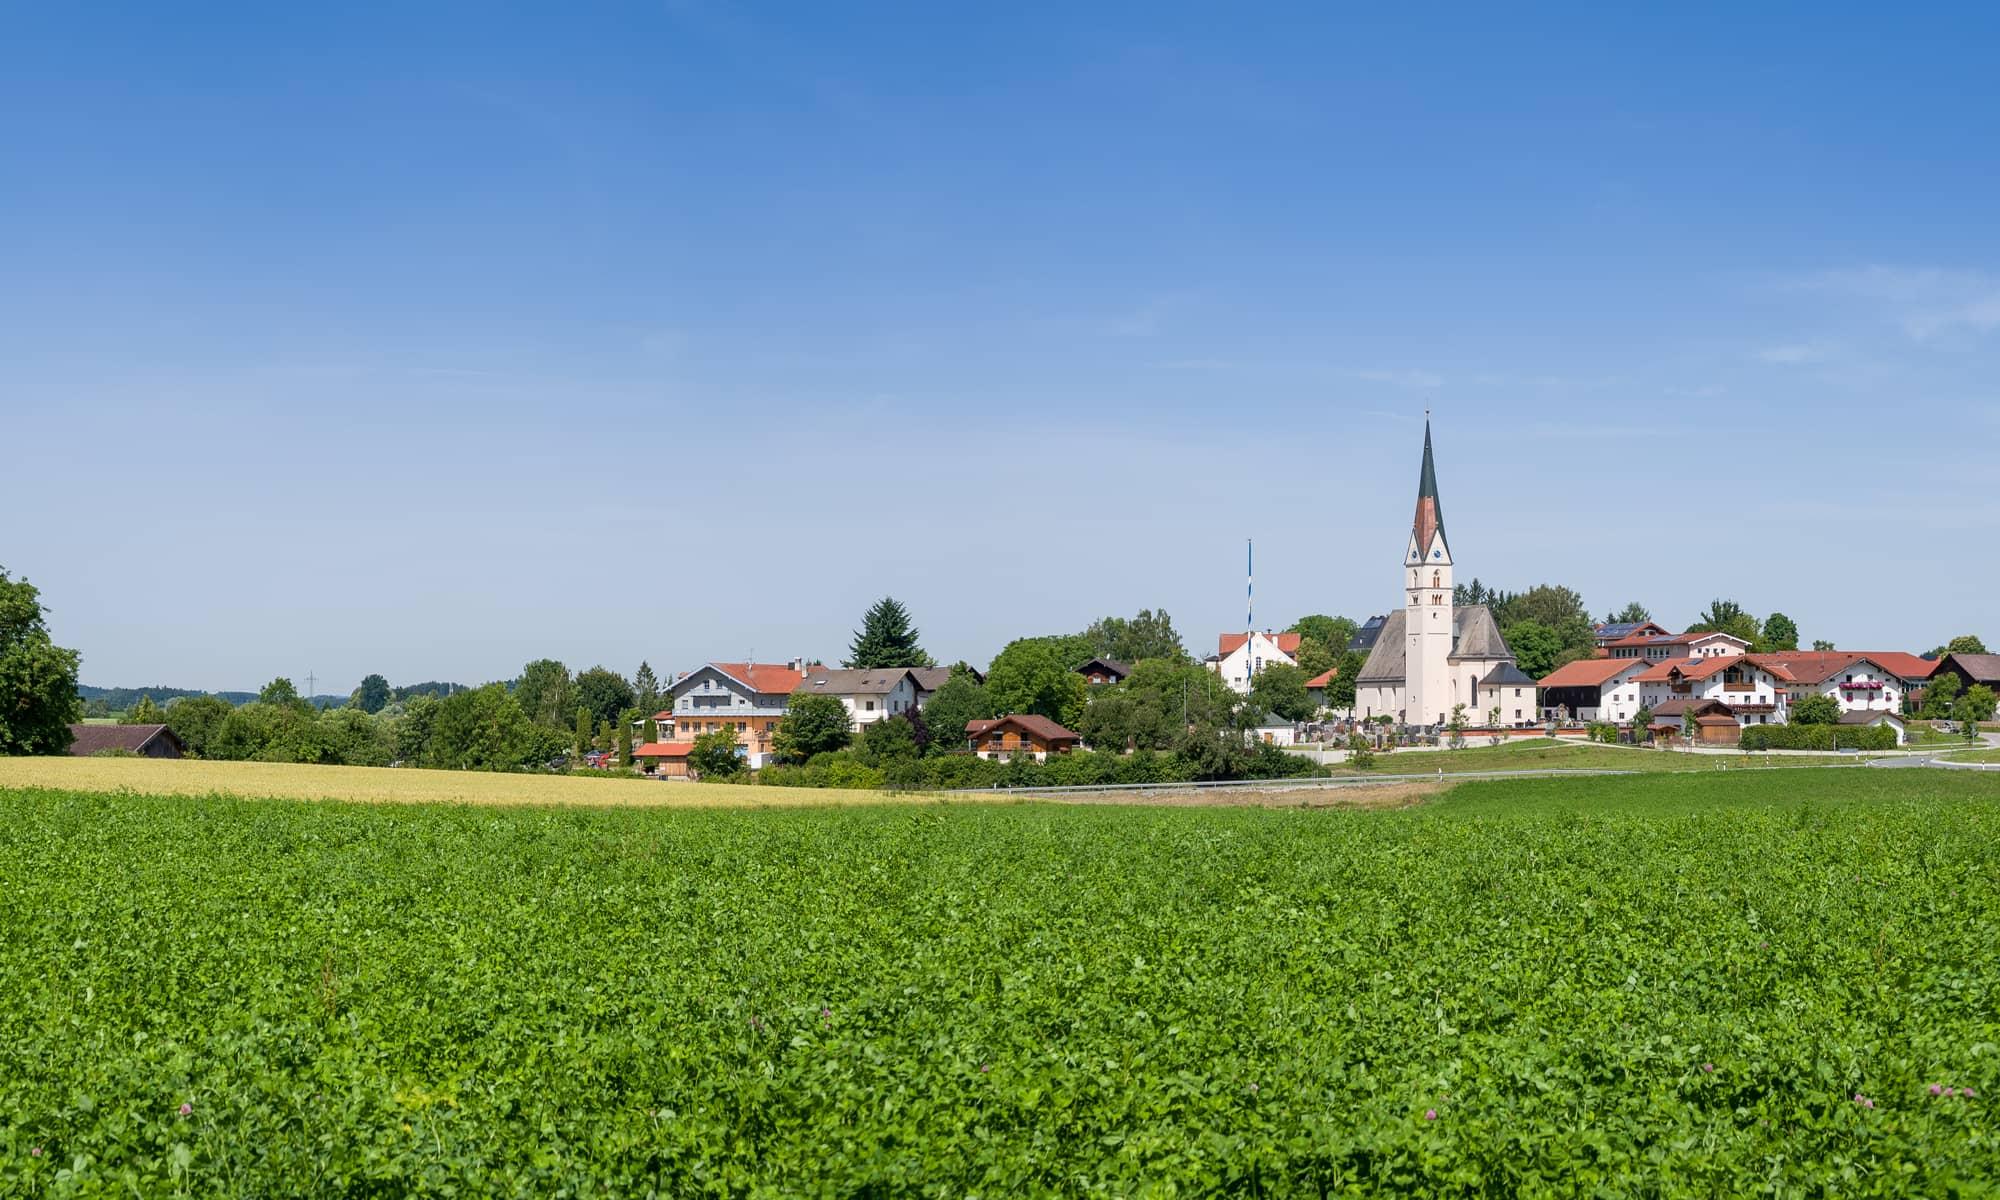 Gasthof Brunnlechner Babensham